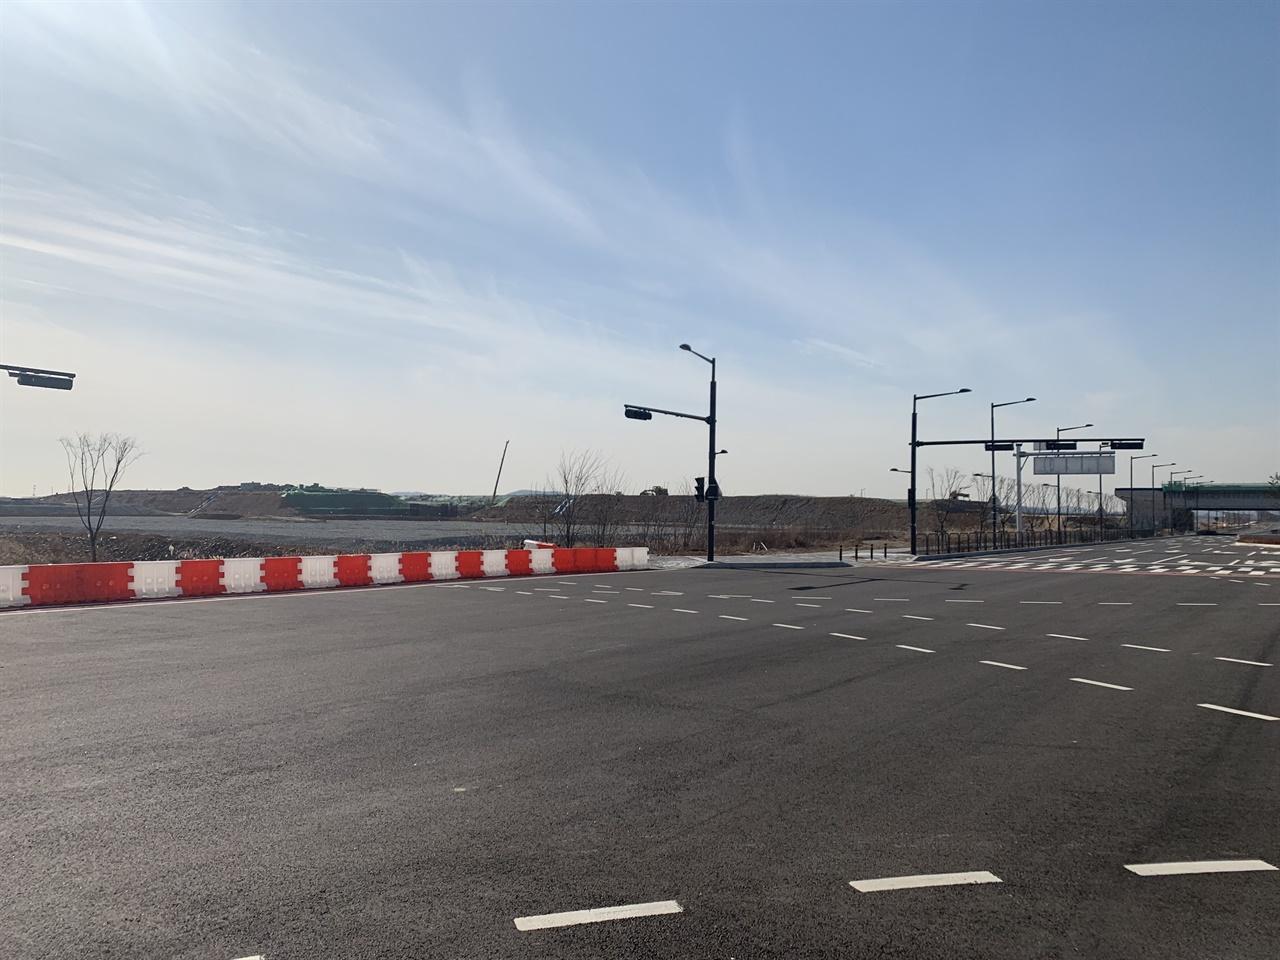 1700만 평의 대규모 신도시 송산그린시티 개발과 2021년 서해선복선전철 송산역 완공으로 변모하는 화성시 남양읍 일대.